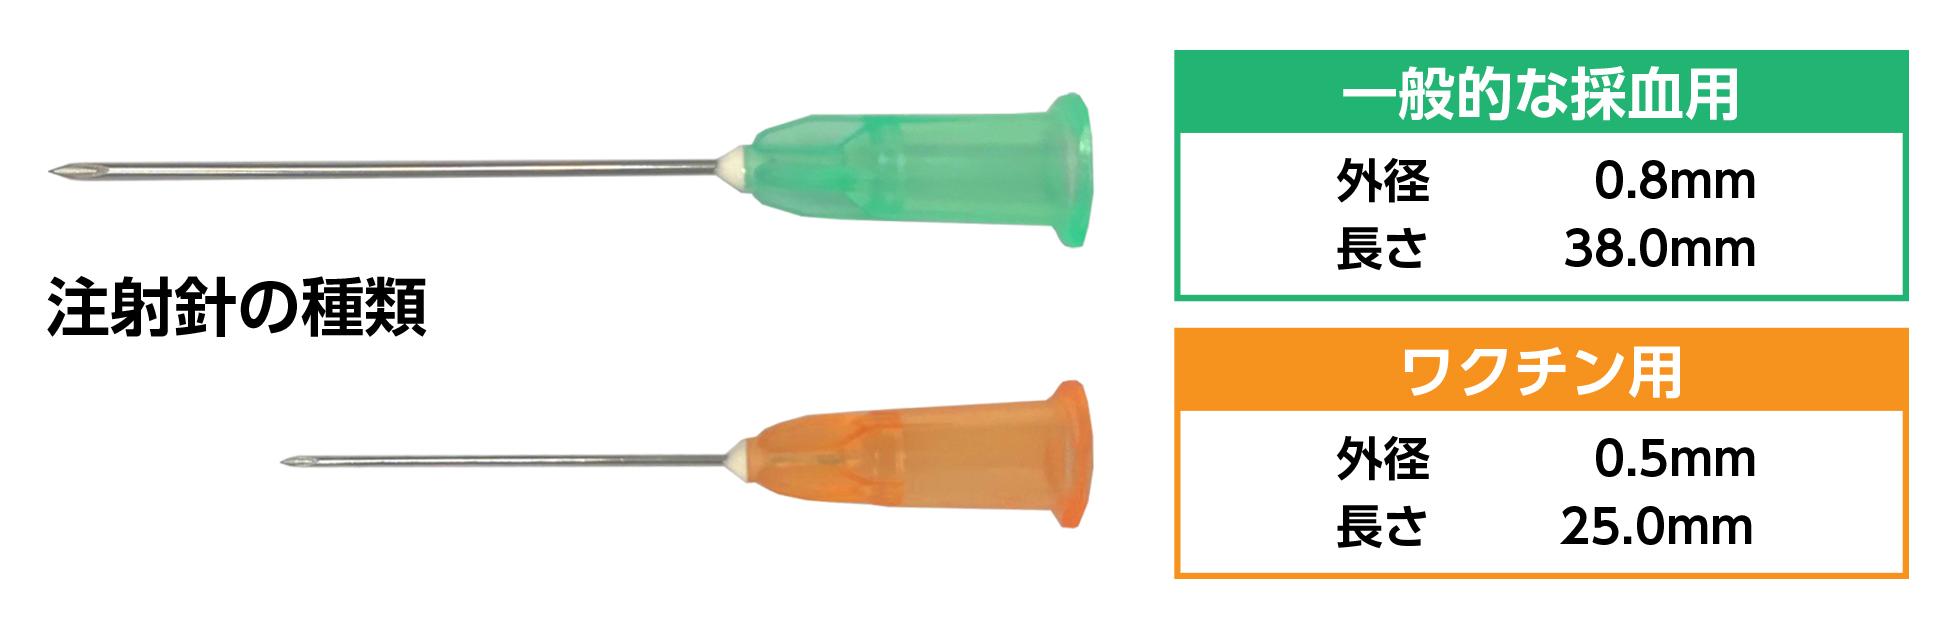 注射 筋肉 コロナ ワクチン 筋肉注射は痛い?皮下注射との違いとメリット・効果・副作用 [痛み・疼痛]